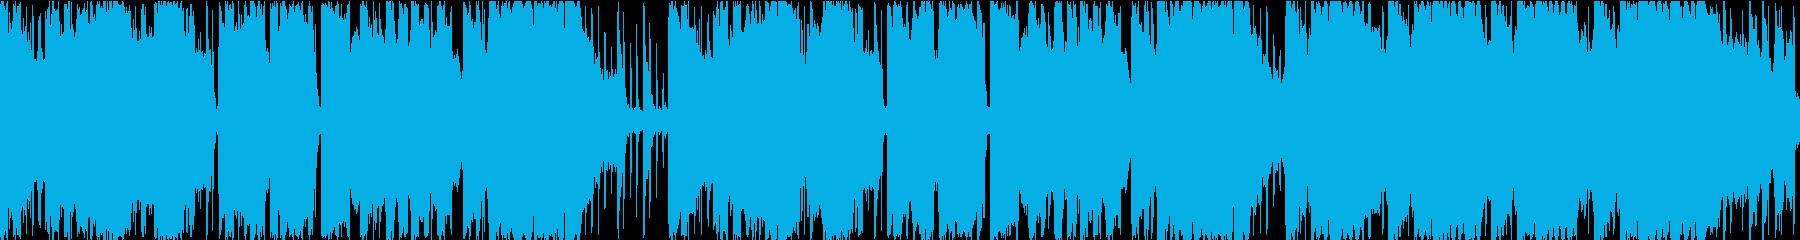 アラビアの町並み風BGM 民族音楽の再生済みの波形